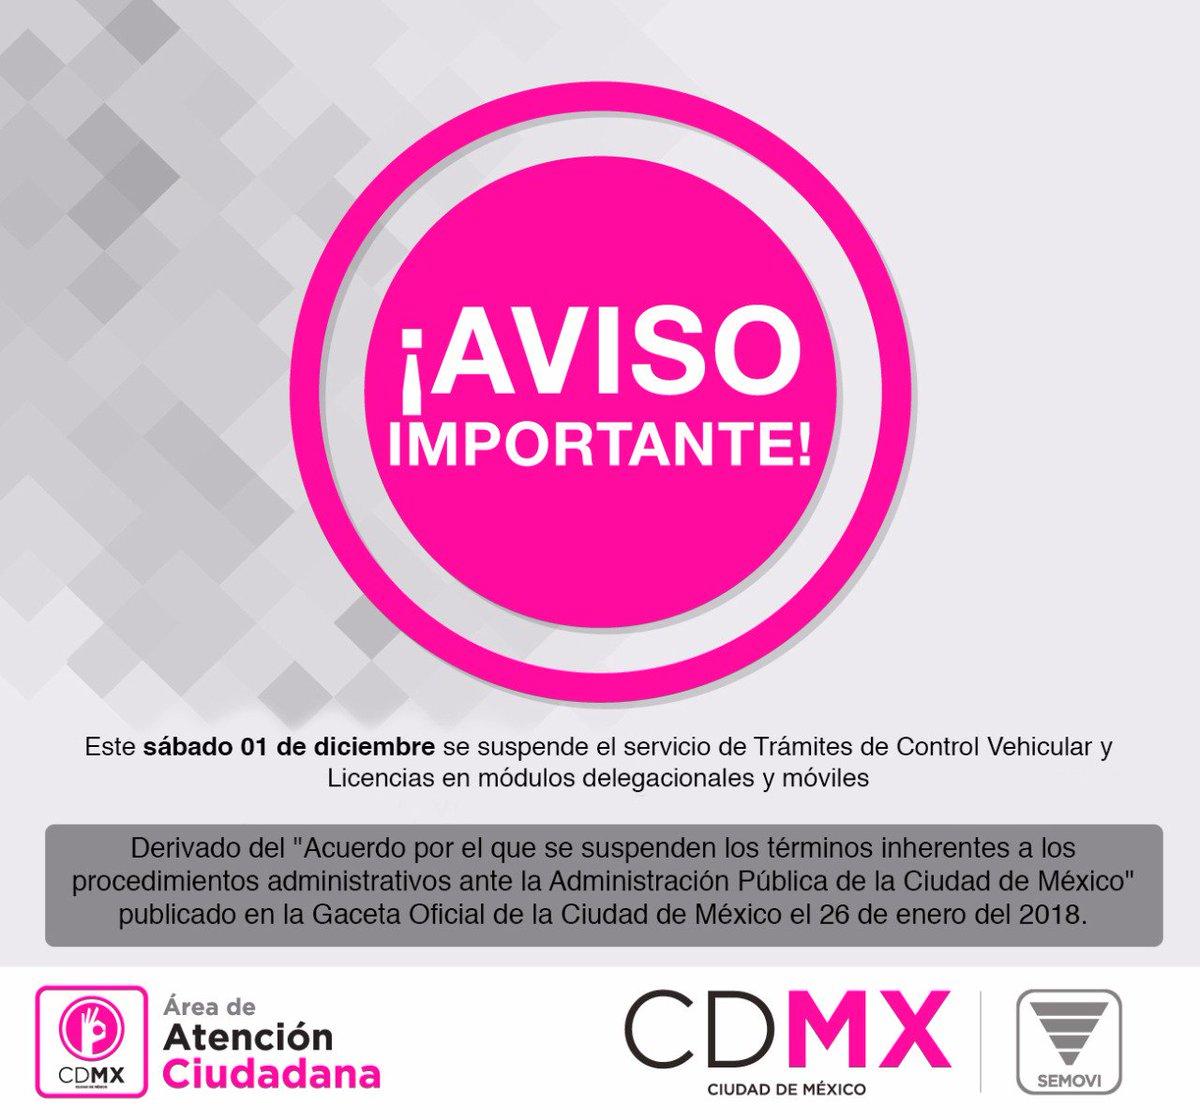 Secretaría De Movilidad Cdmx On Twitter Semoviinforma Los